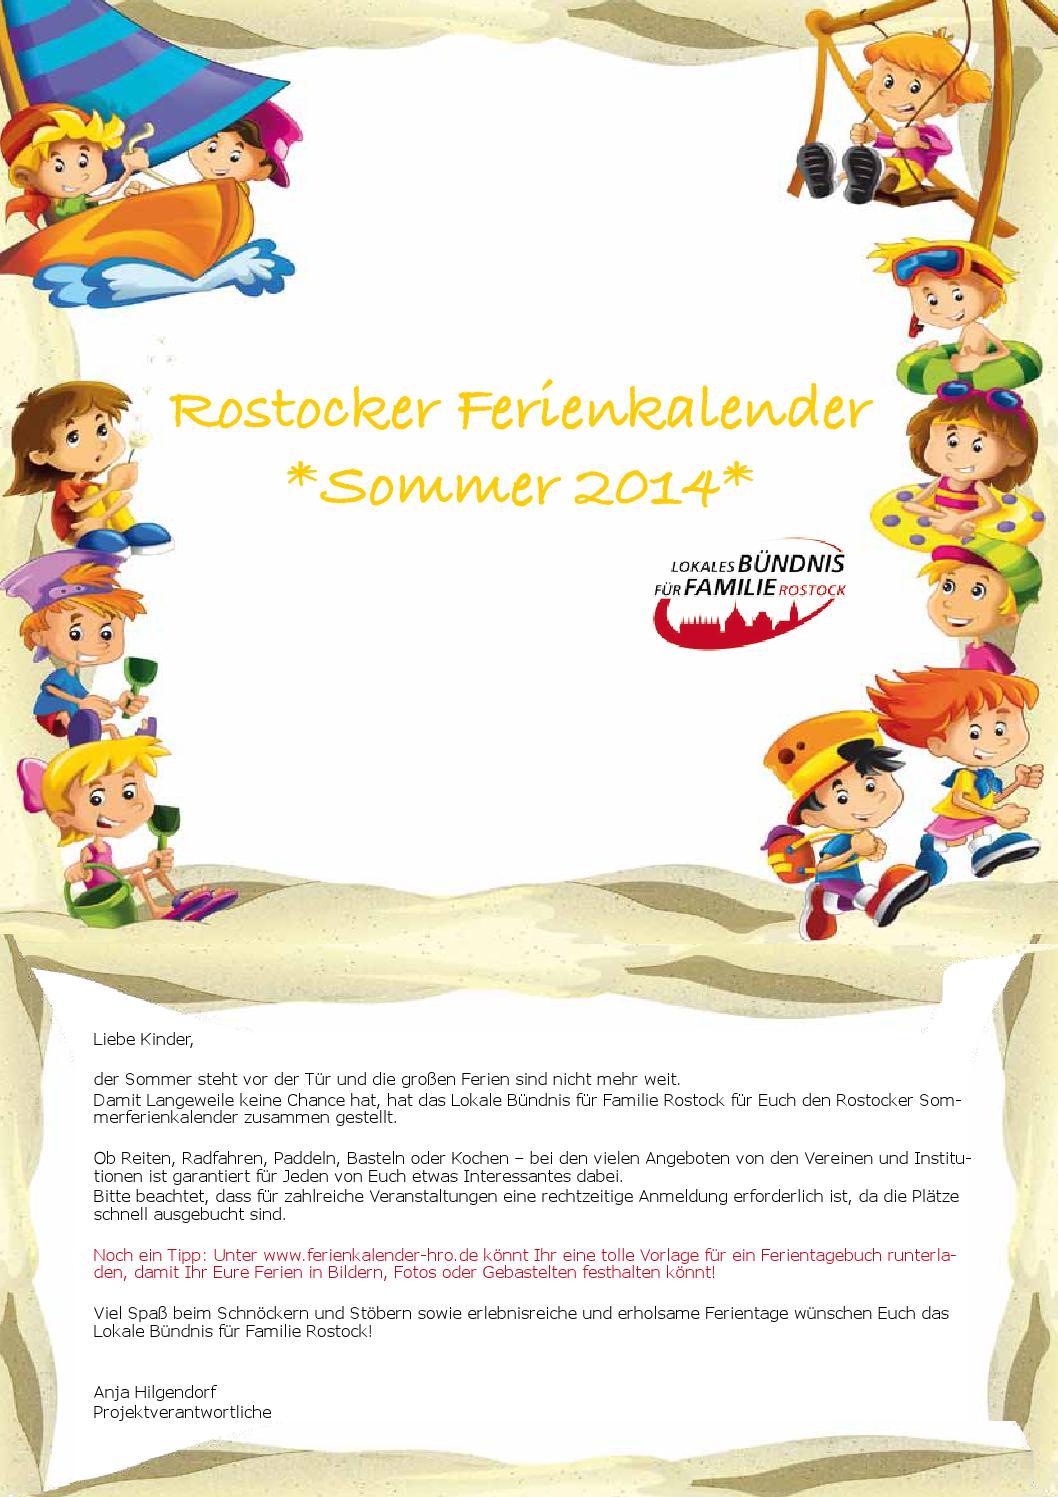 Rostocker Sommerferienkalender 2014 by Kathara - issuu